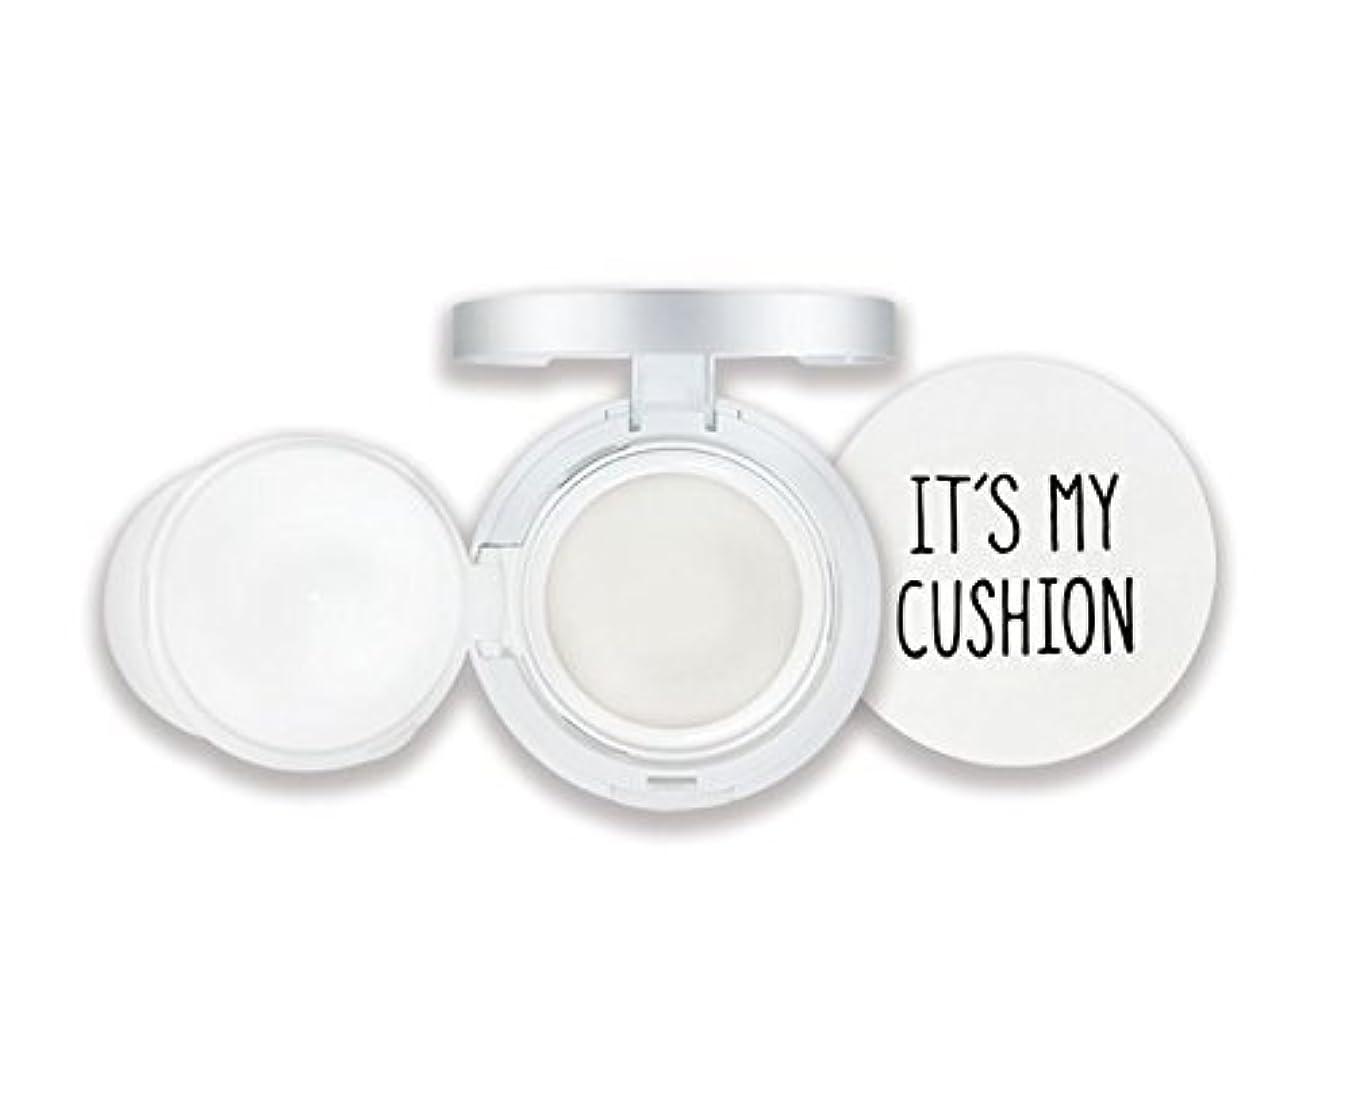 公段落逸脱Its My Cushion ケース DIY BB クッションパクト コスメティックケース スポンジ付き、 内部ケース、 自分で作るコスメティックケース (クッションケー スカラー : White Case) [並行輸入品]